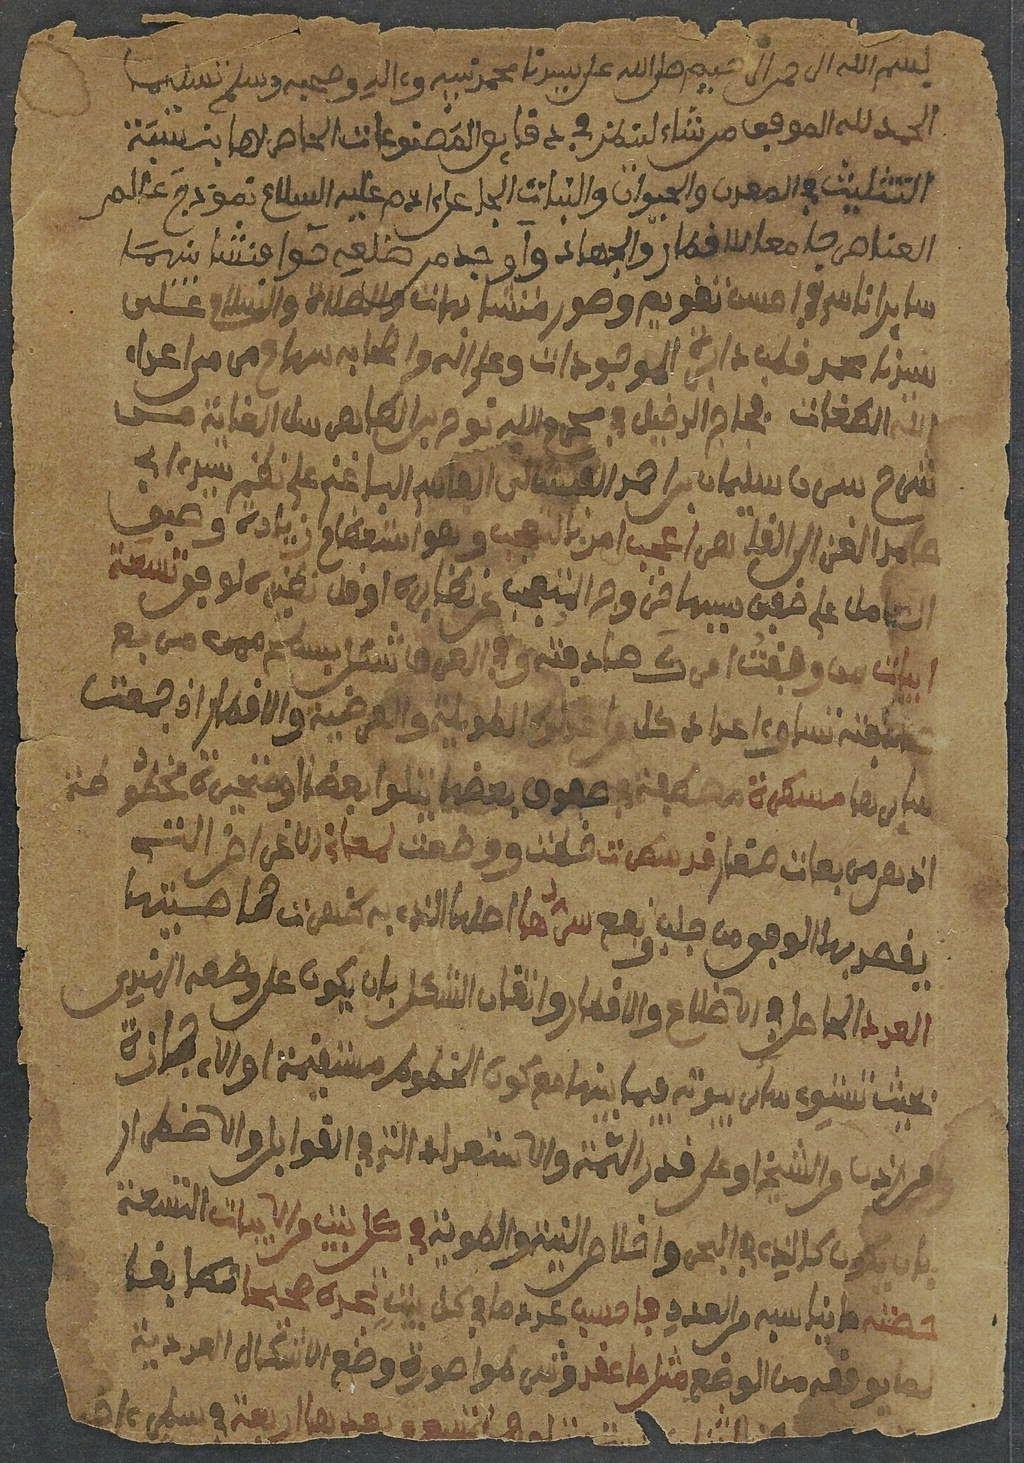 المخطوطة رقم19 شرح سلك اللآلي في مثلث الغزالي الخزانة للكتب و المخطوطات الروحانية Sufism Songhai Empire Manuscript